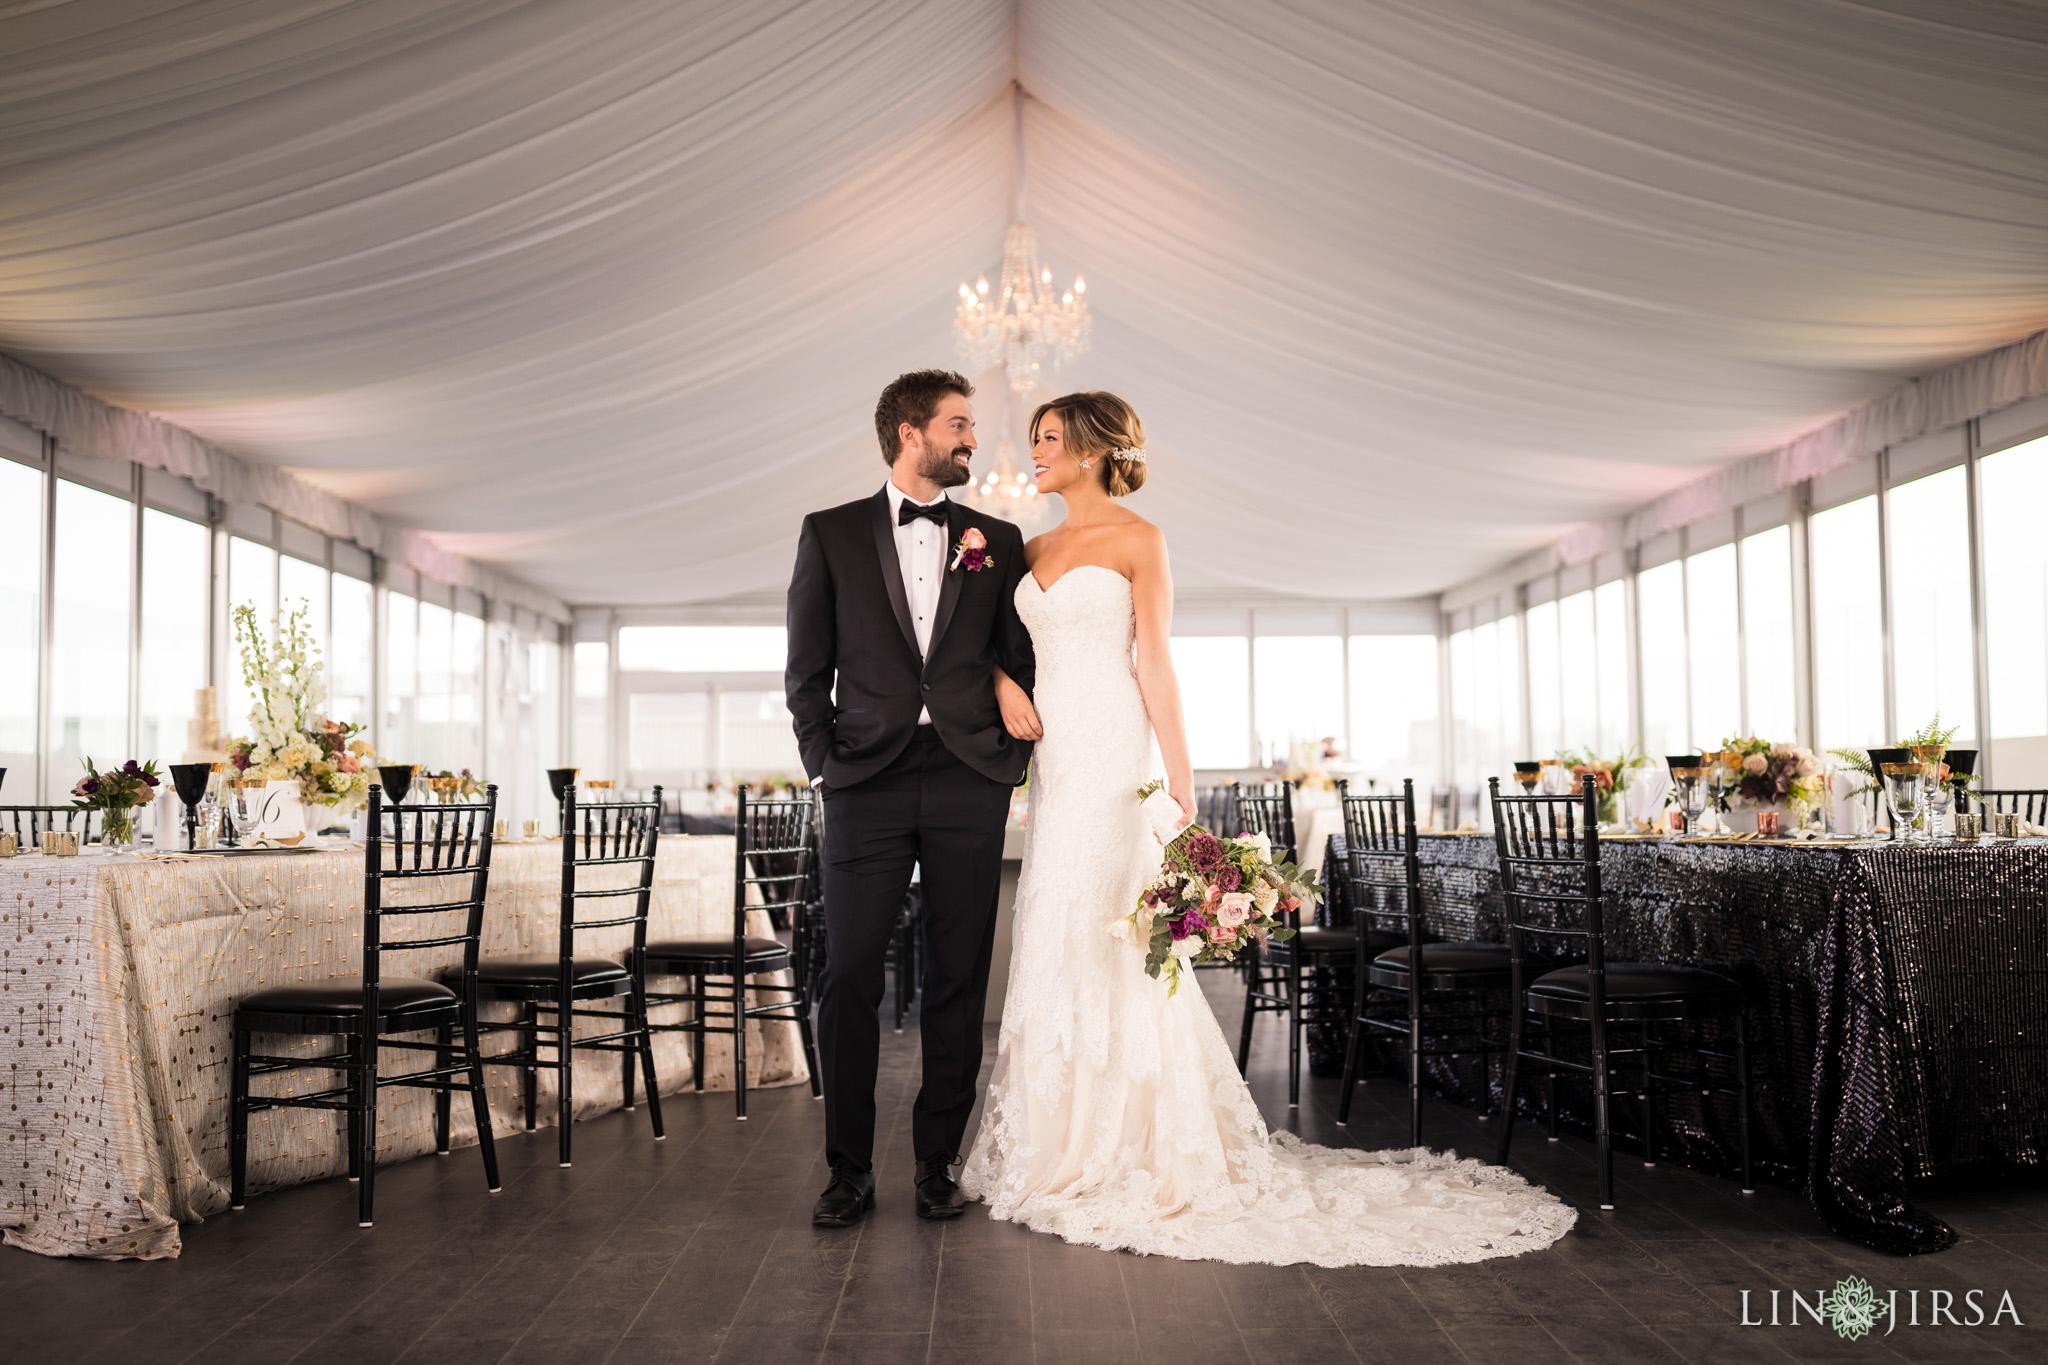 24 Kimpton La Peer Hotel West Hollywood Stylized Wedding Photography